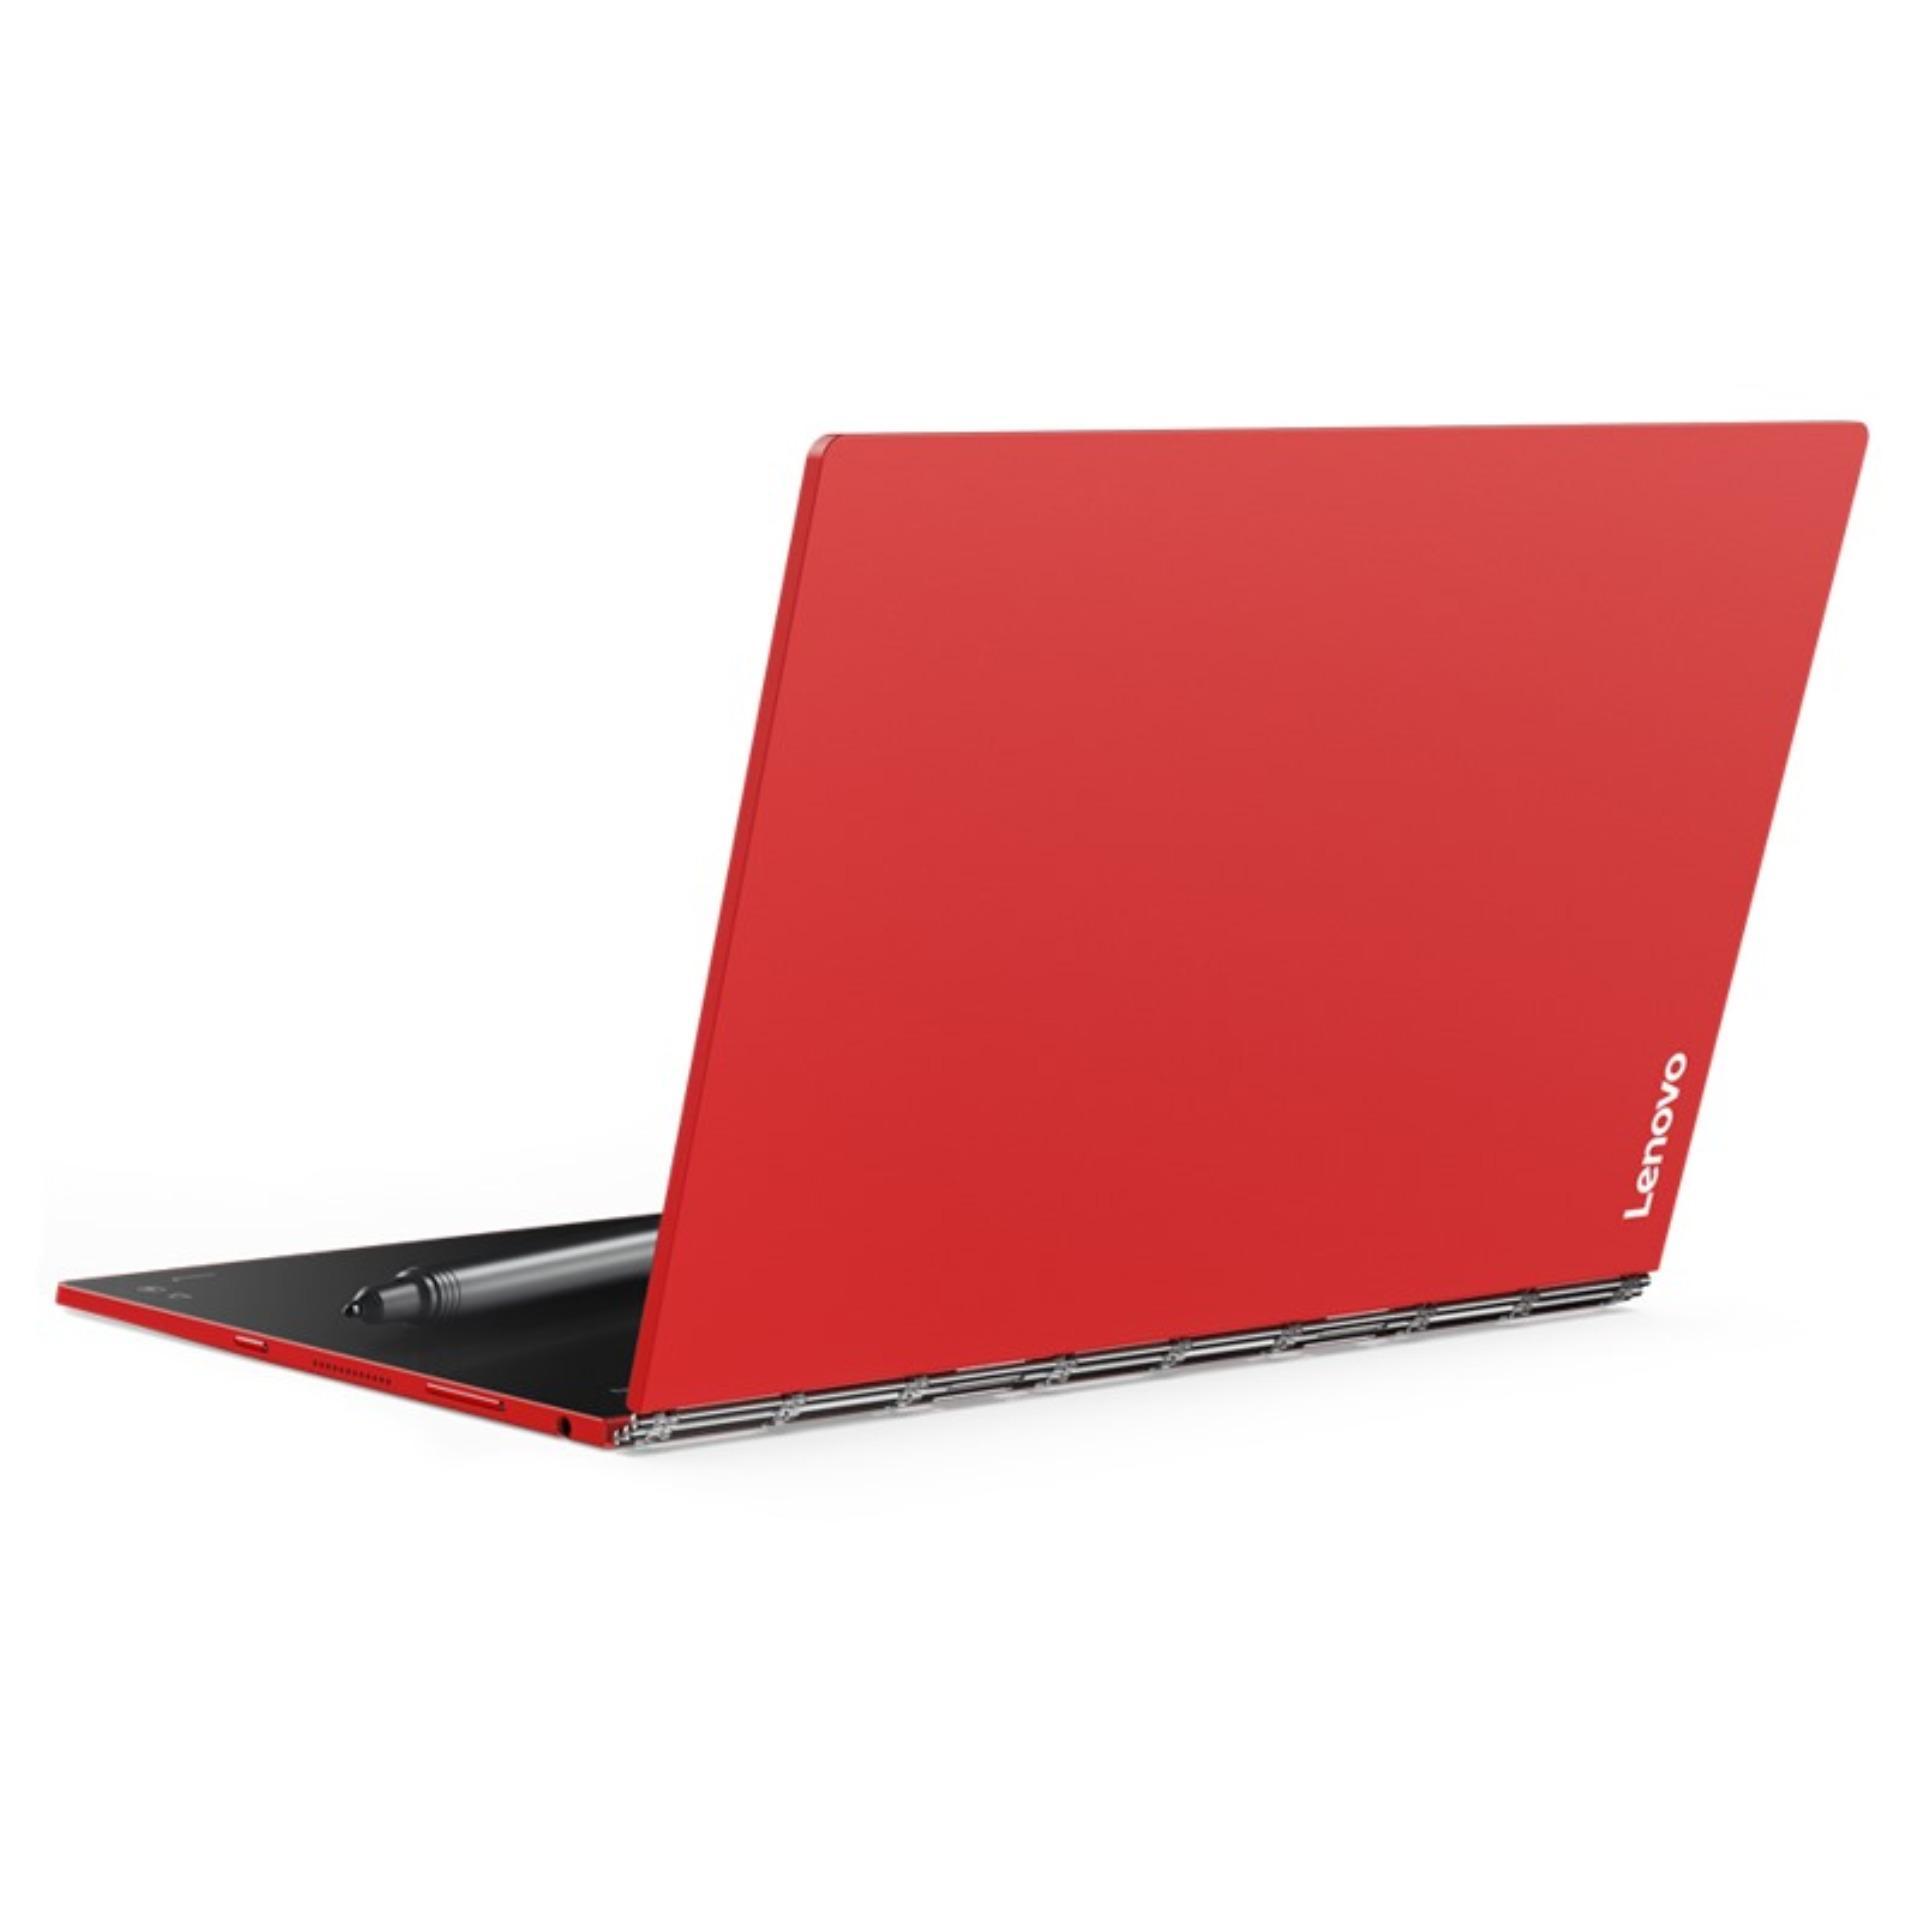 Giá Lenovo Yoga Book Red – Hãng Phân phối chính thức